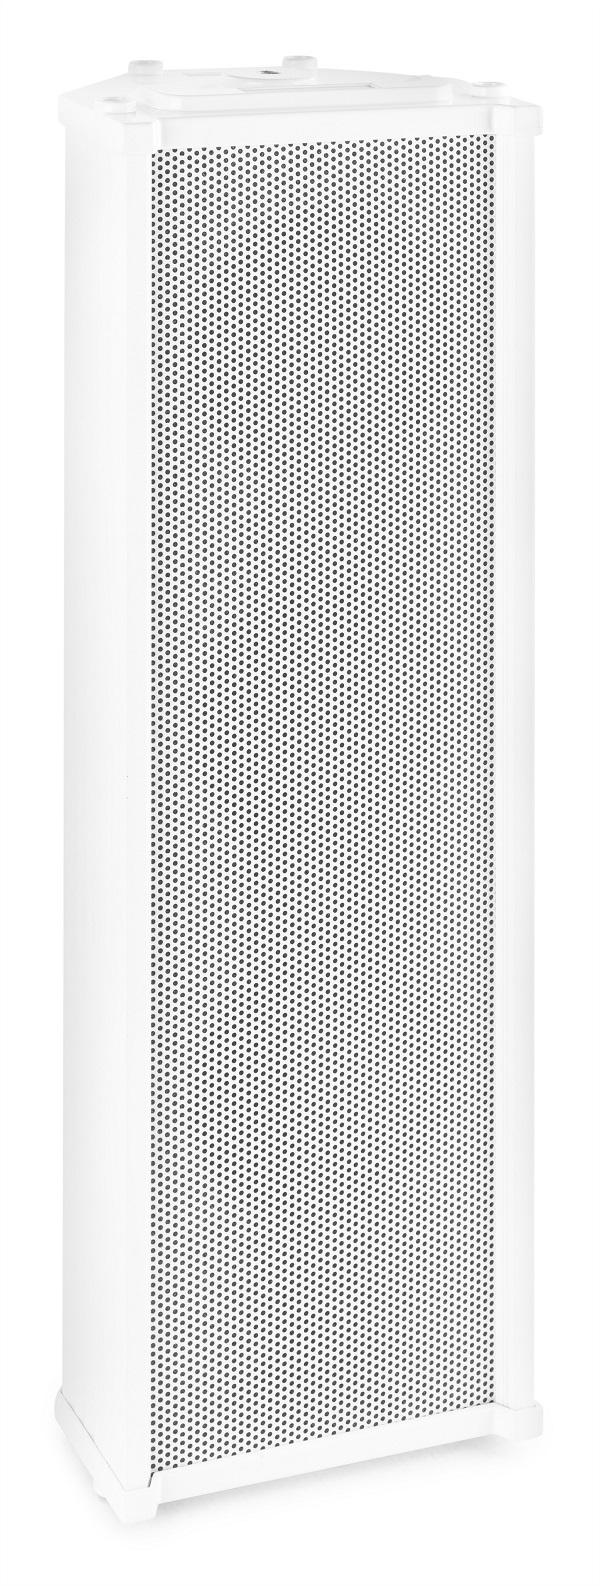 Coluna de Parede OCS3 30W 100V - POWER DYNAMICS